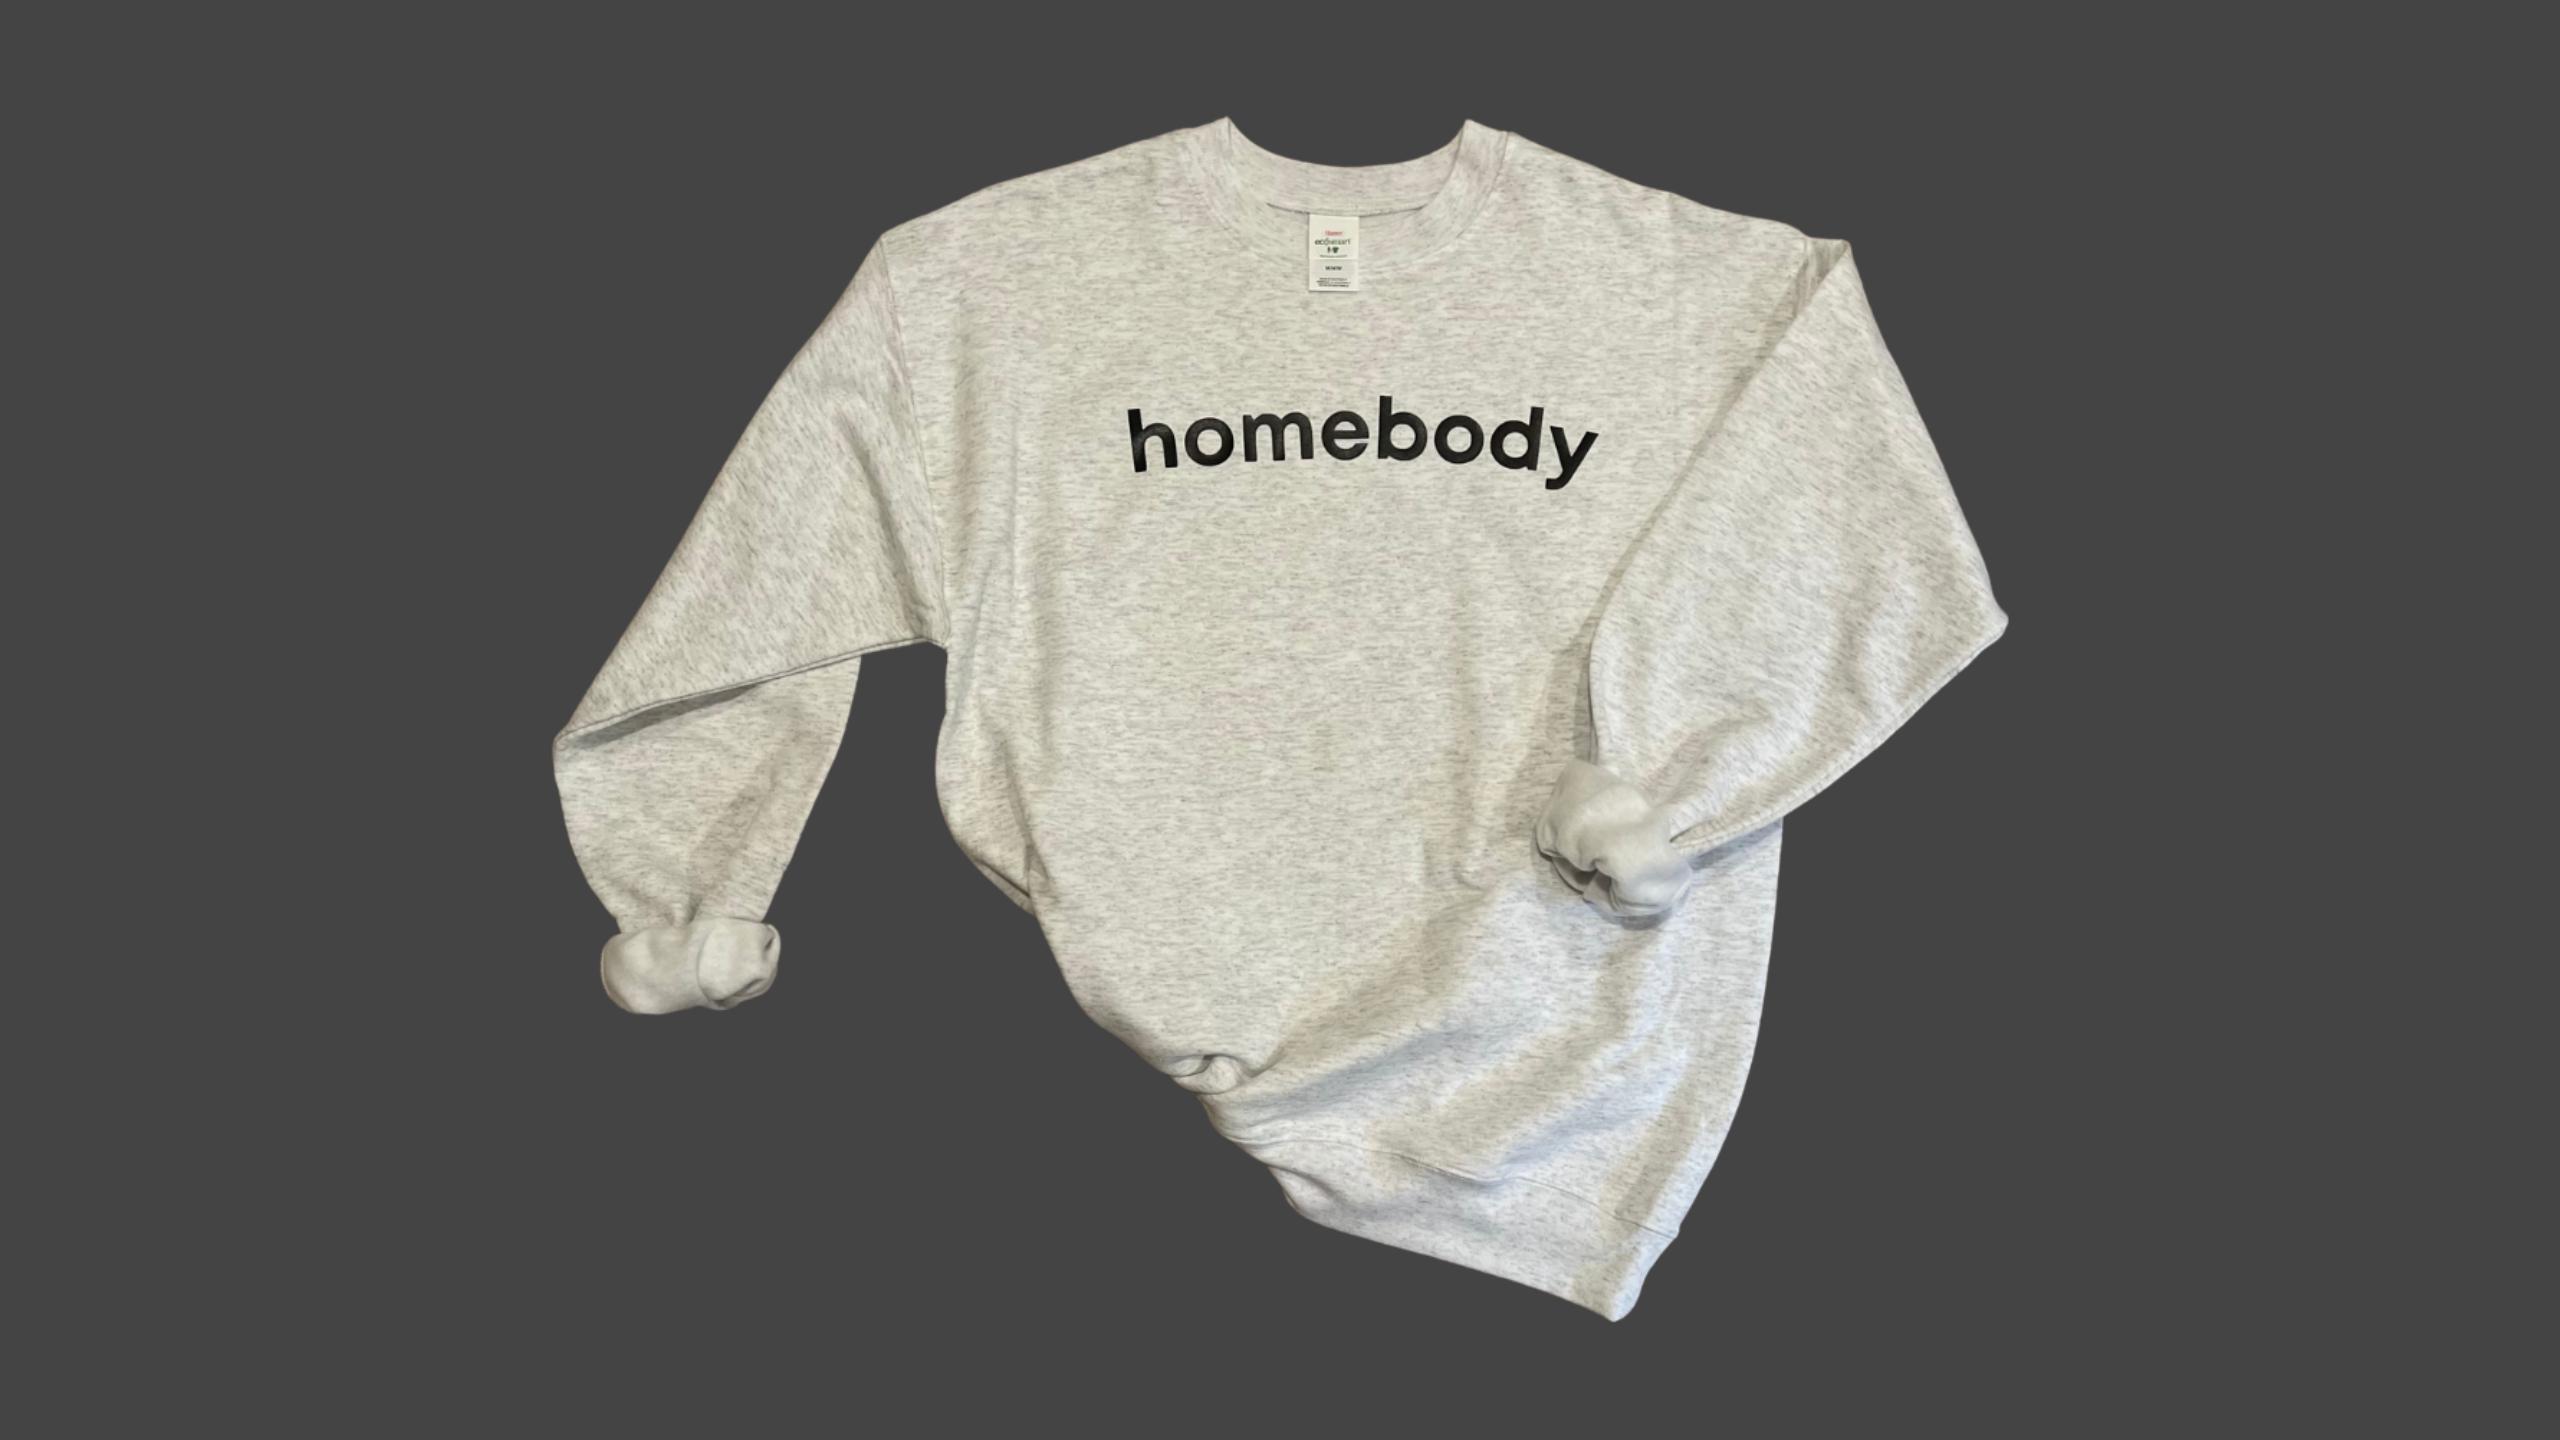 Homebody Sweatshirt - Ash Grey / White / S